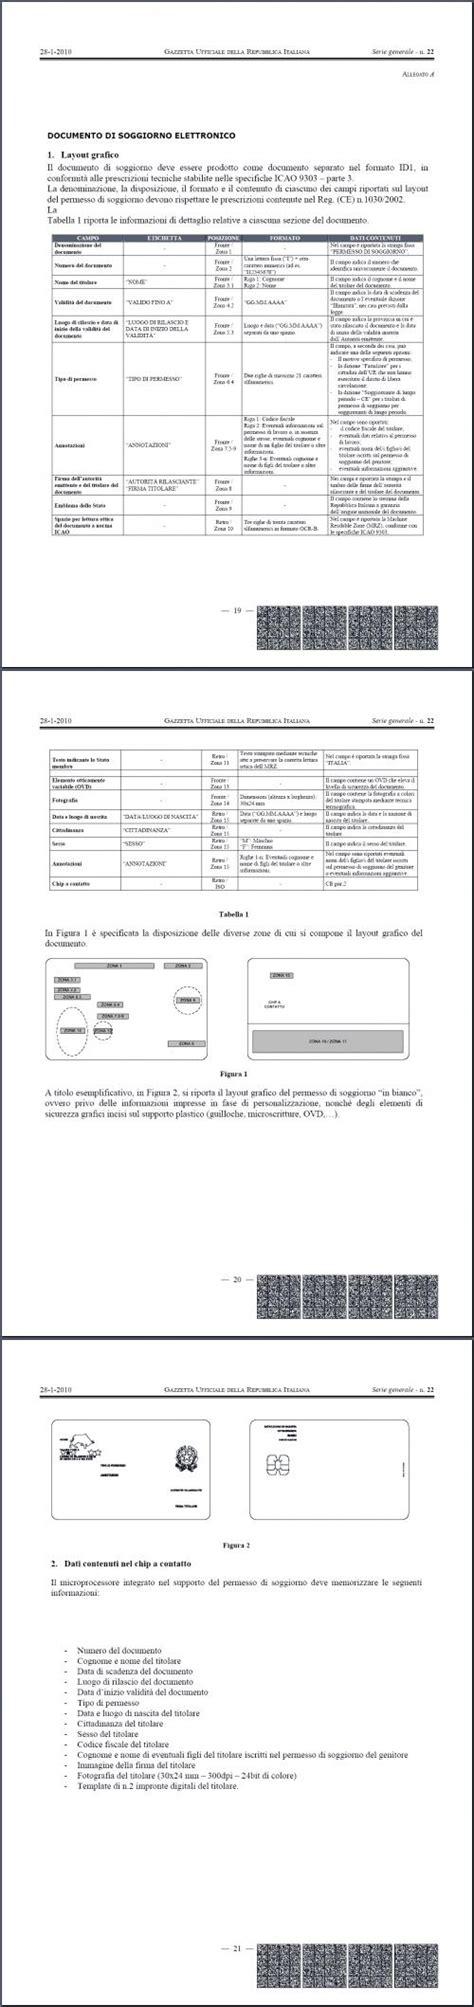 ministero dell interno carta di soggiorno permesso e carta di soggiorno in una card elettronica